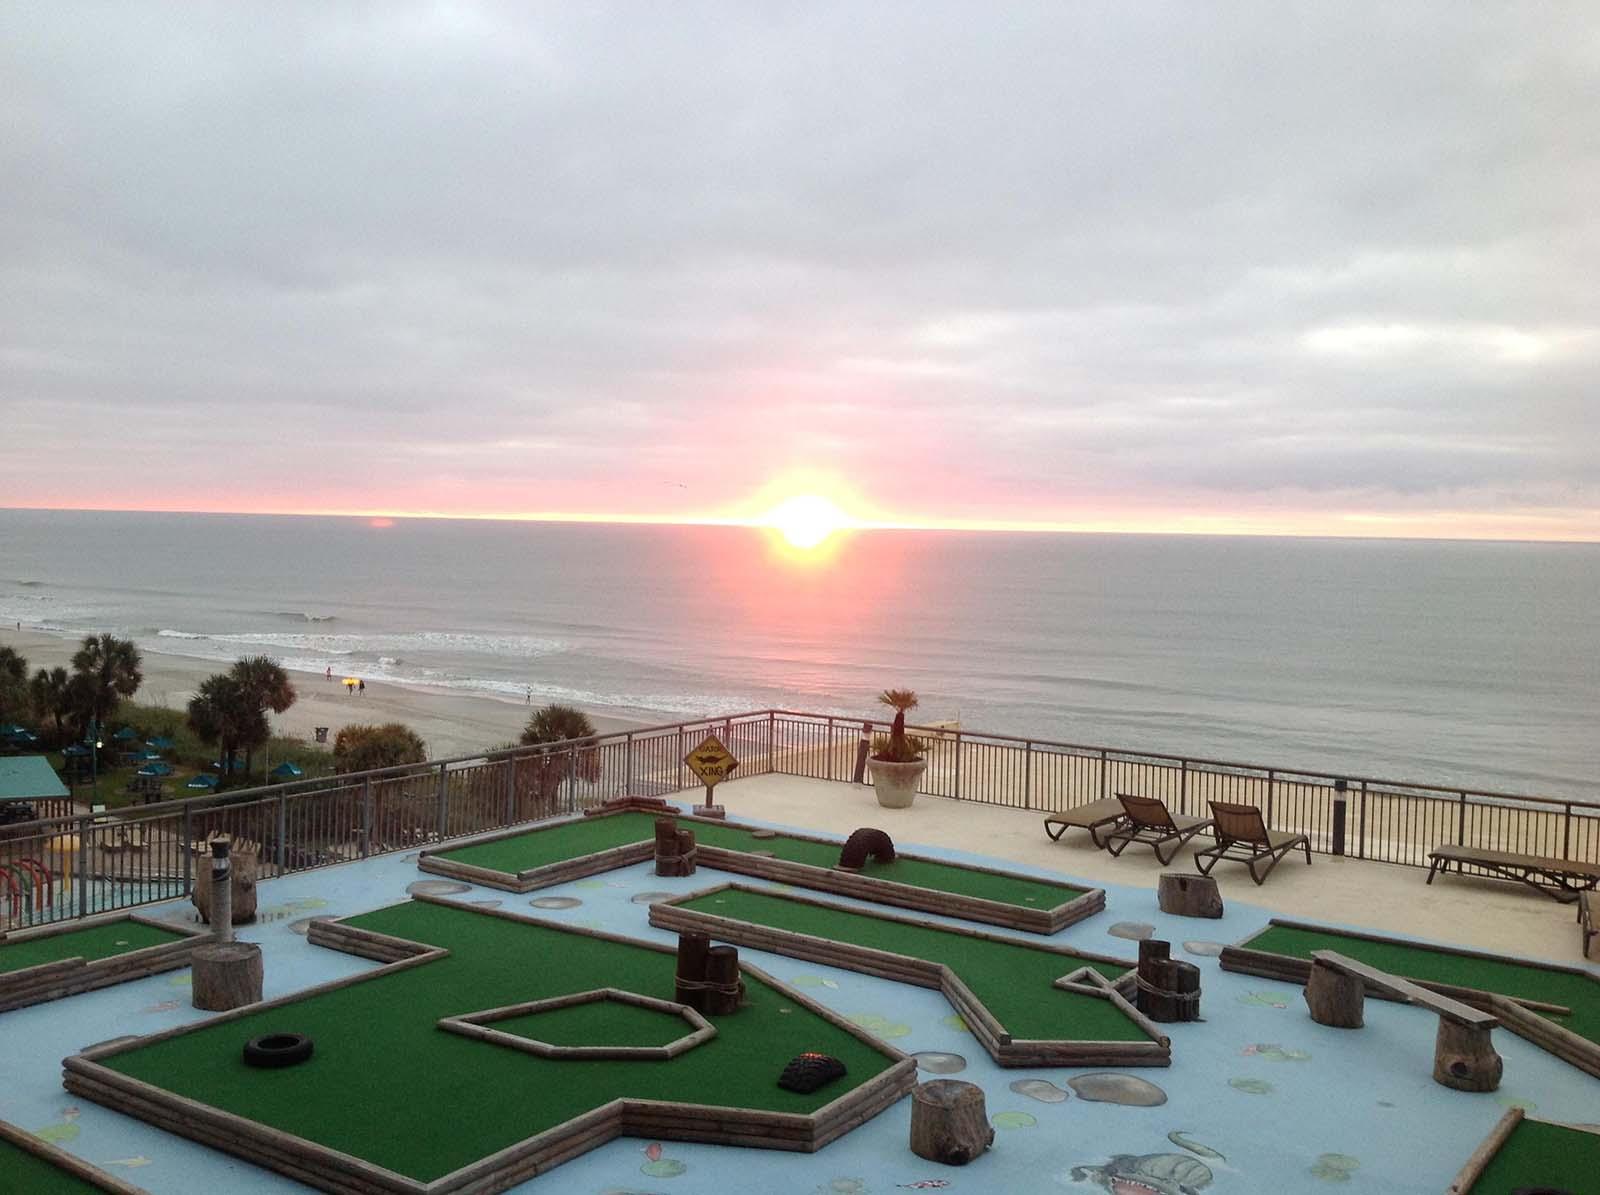 Sunrise view of mini putt putt course